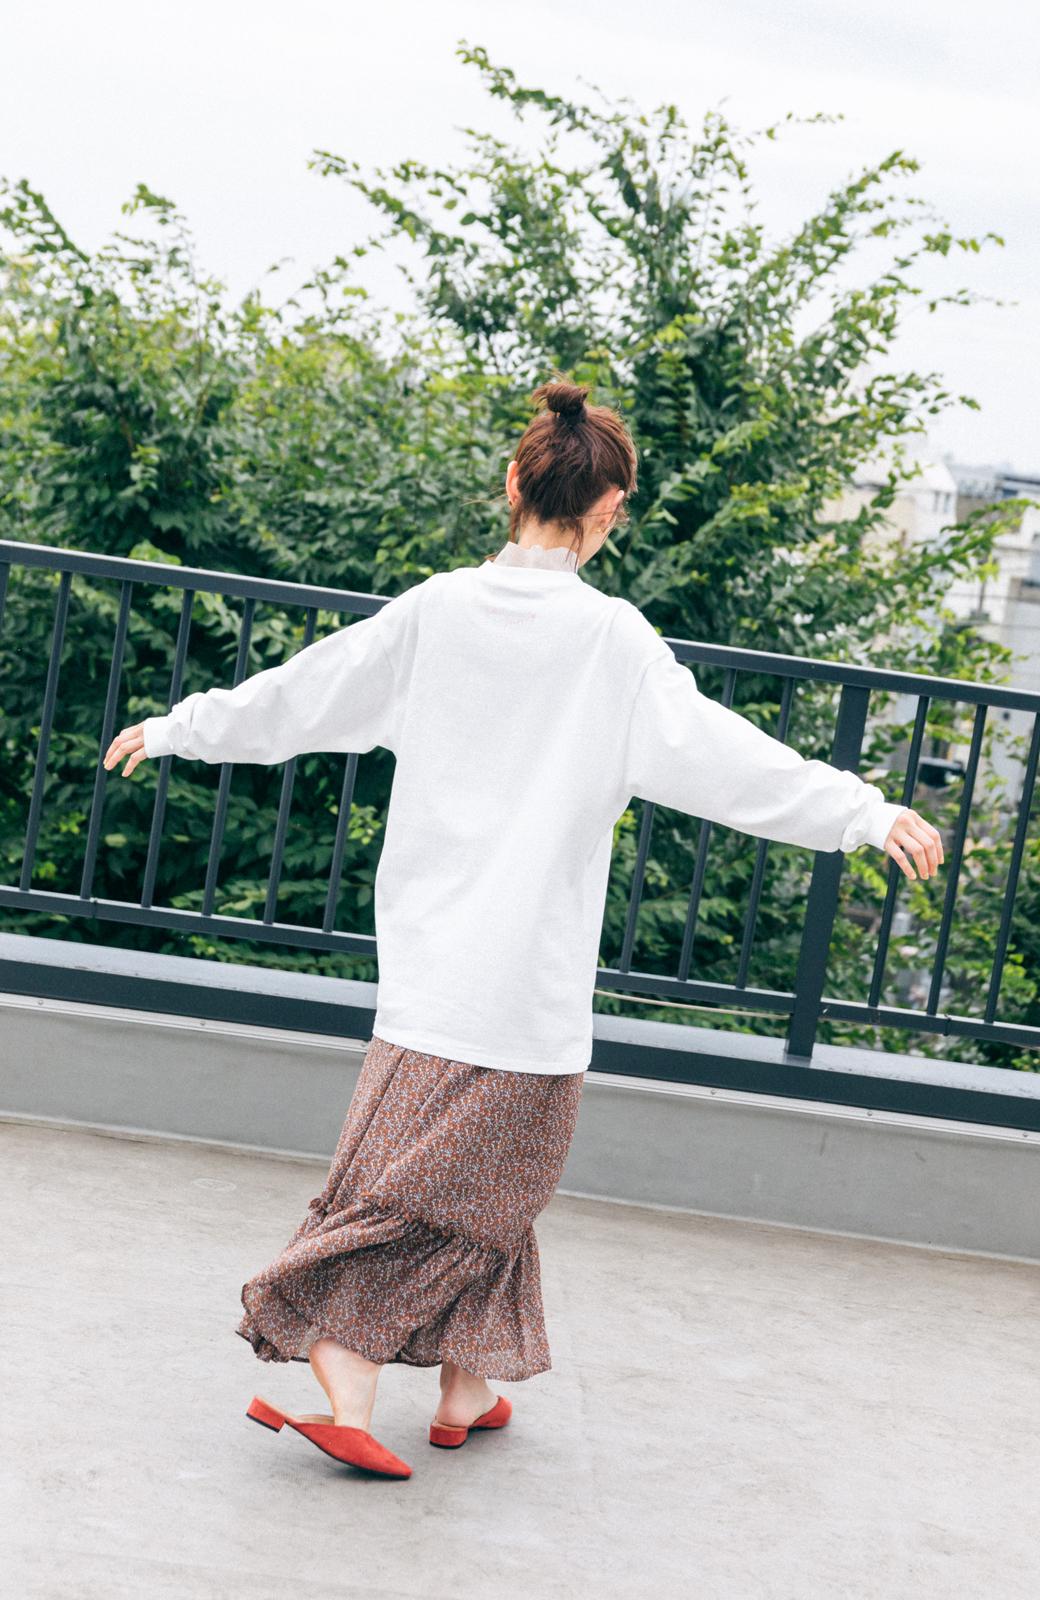 haco! 【高橋愛さんコラボ】フォトプリントのユニセックスロングTシャツ by LOVE&PEACE PROJECT + PBP  <ホワイト>の商品写真17